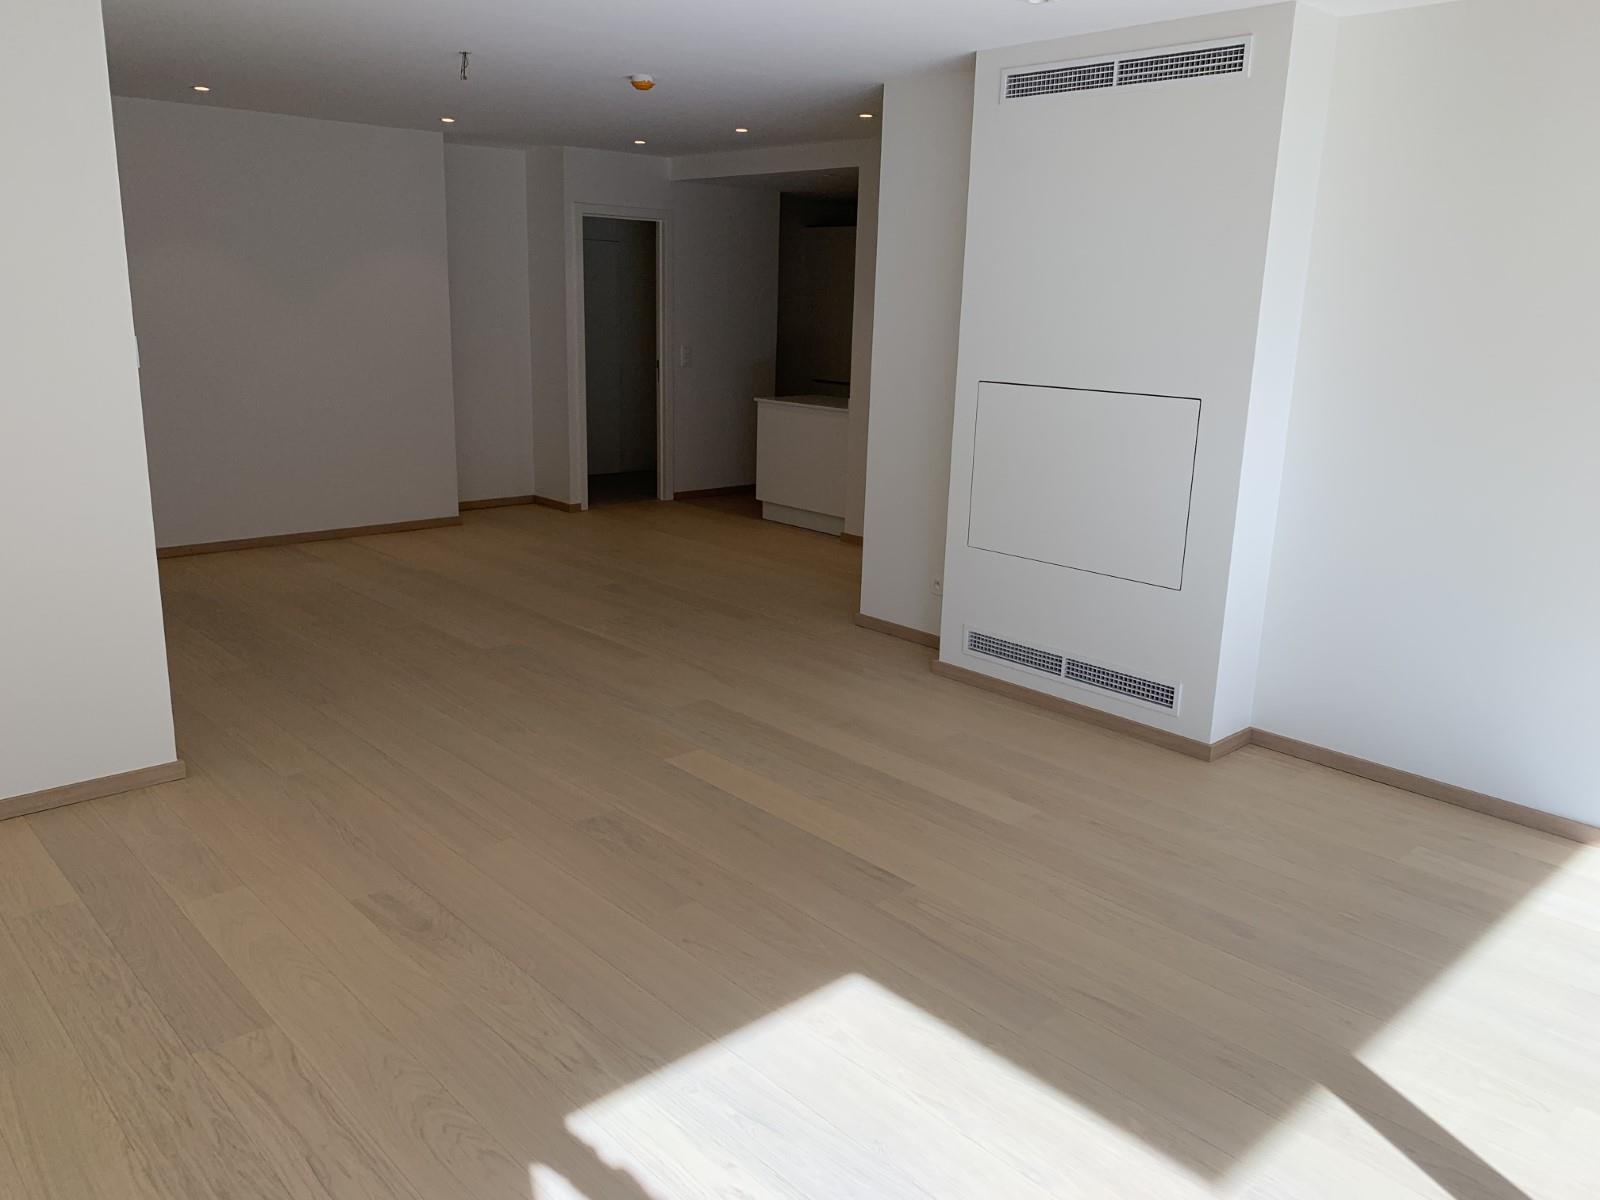 Appartement exceptionnel - Ixelles - #3918742-8